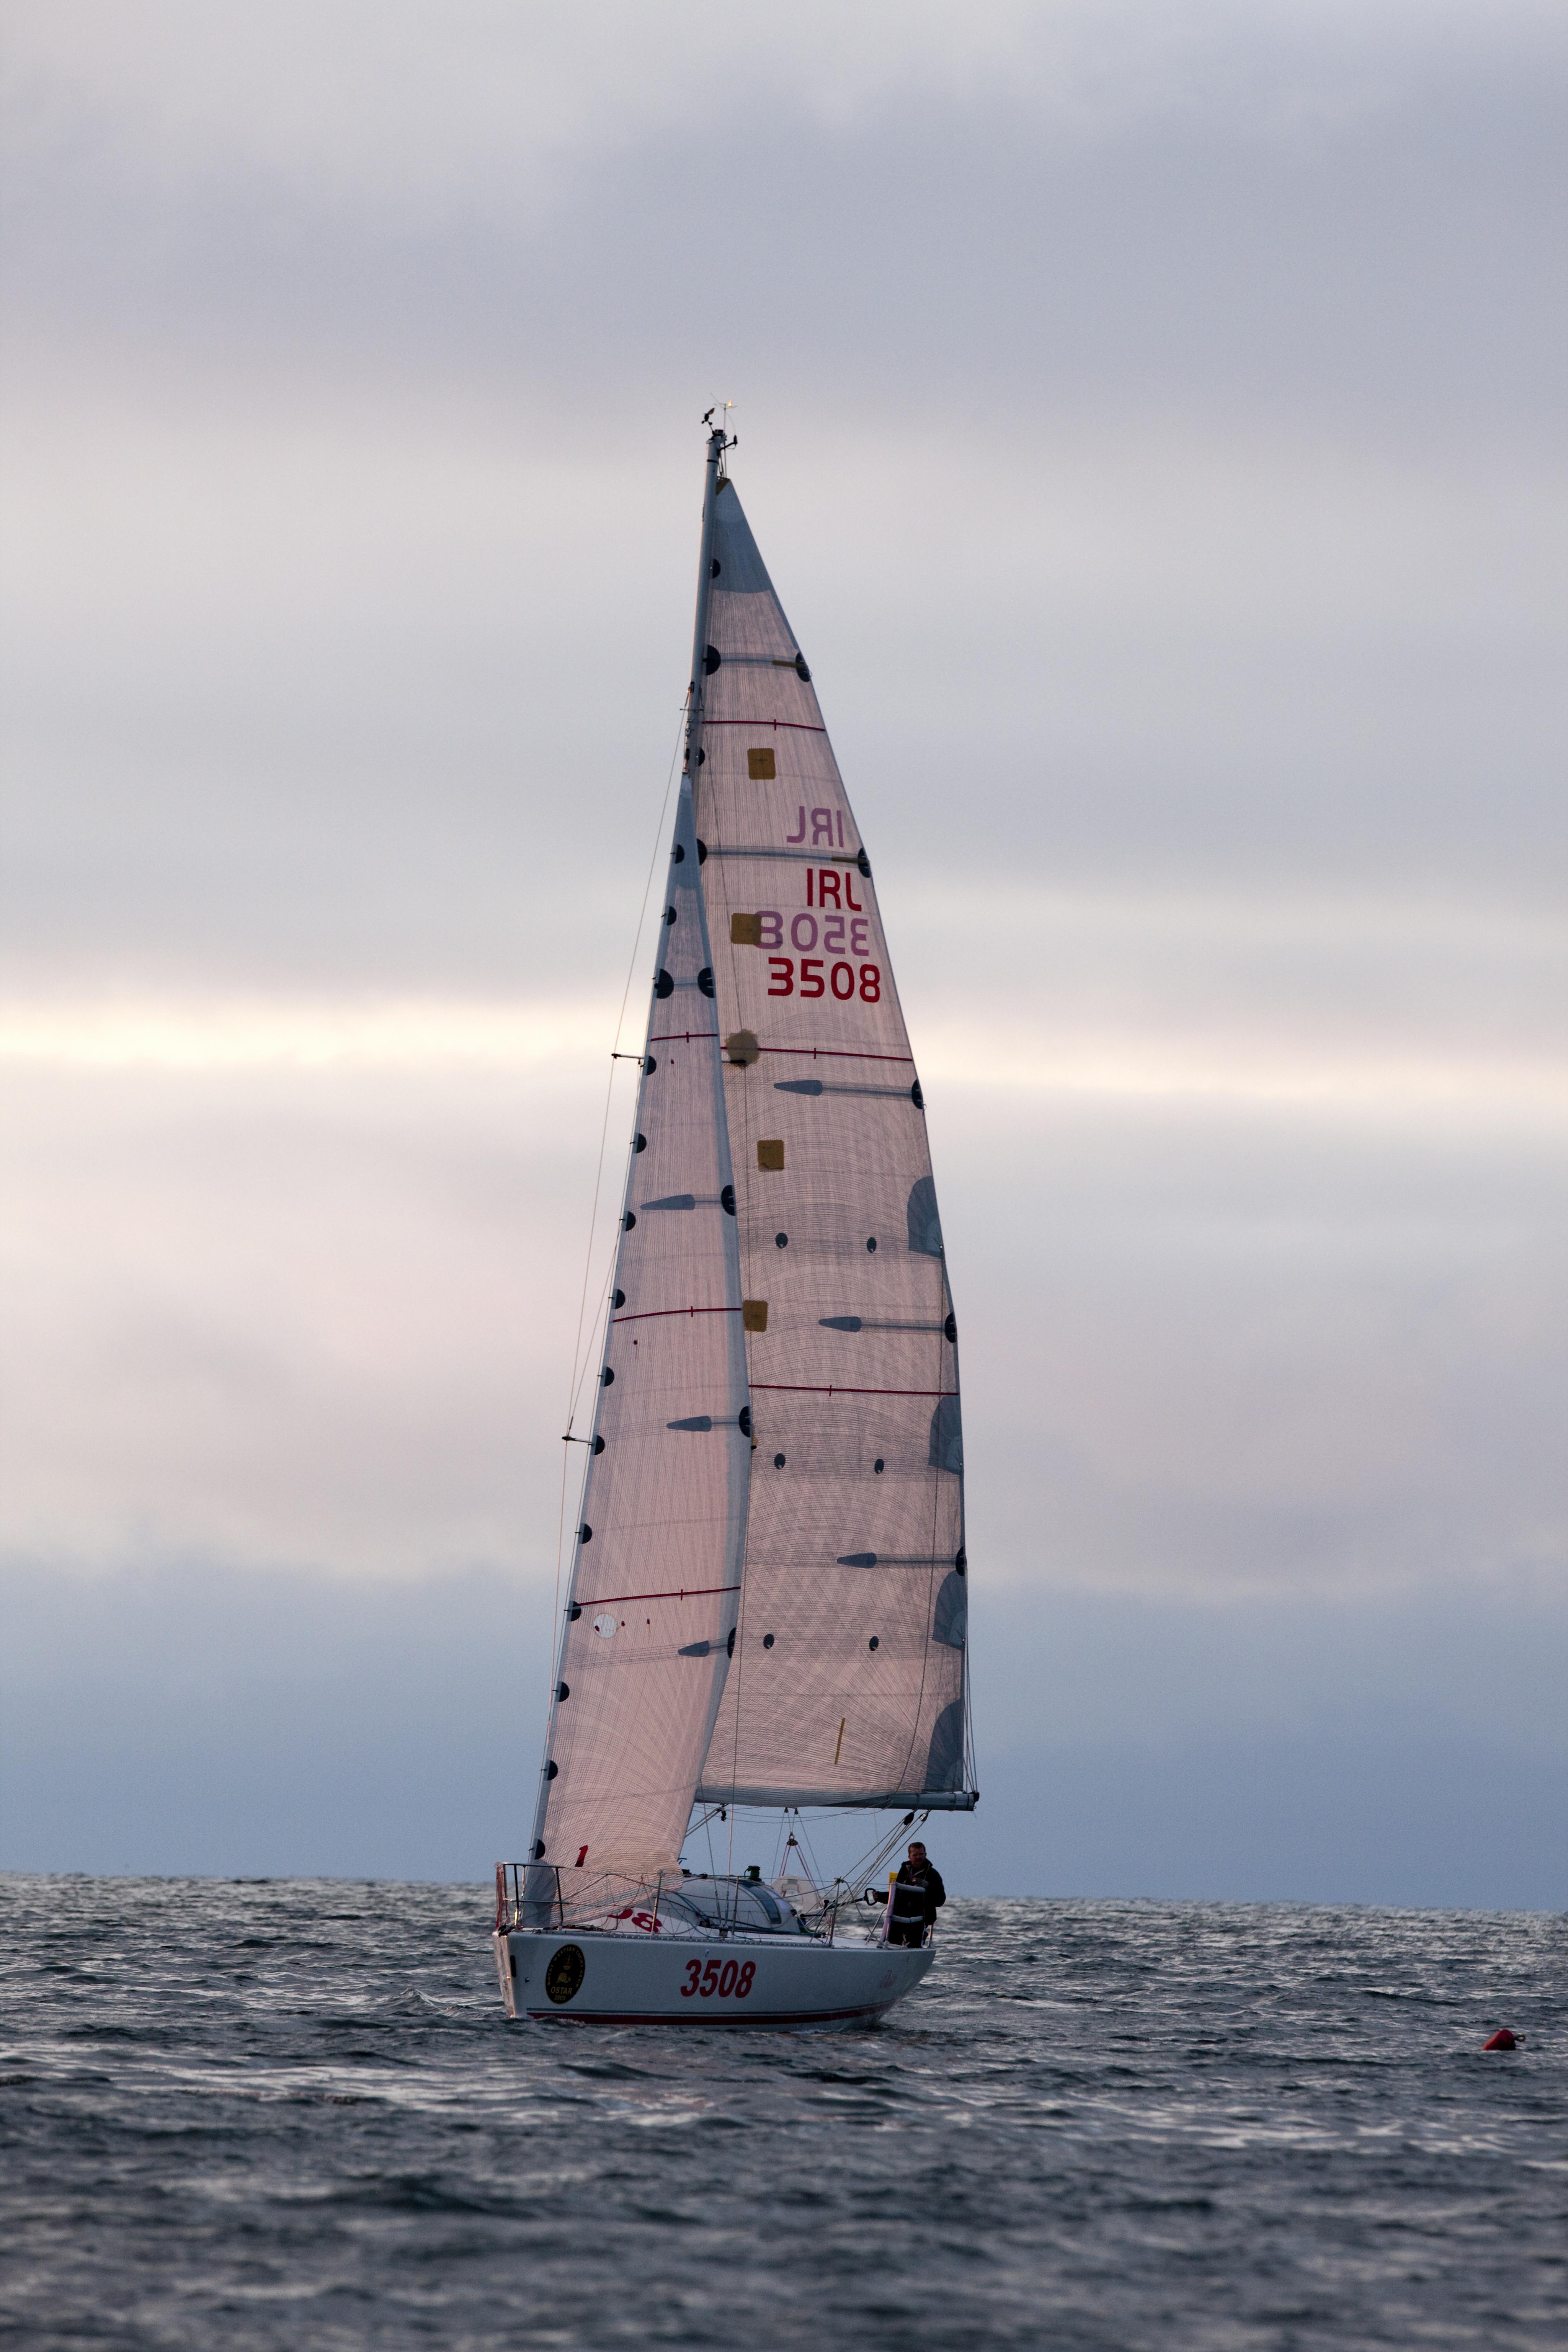 http://www.dinah.sail.ie/wp-content/uploads/2009/06/approaching-newport.jpg